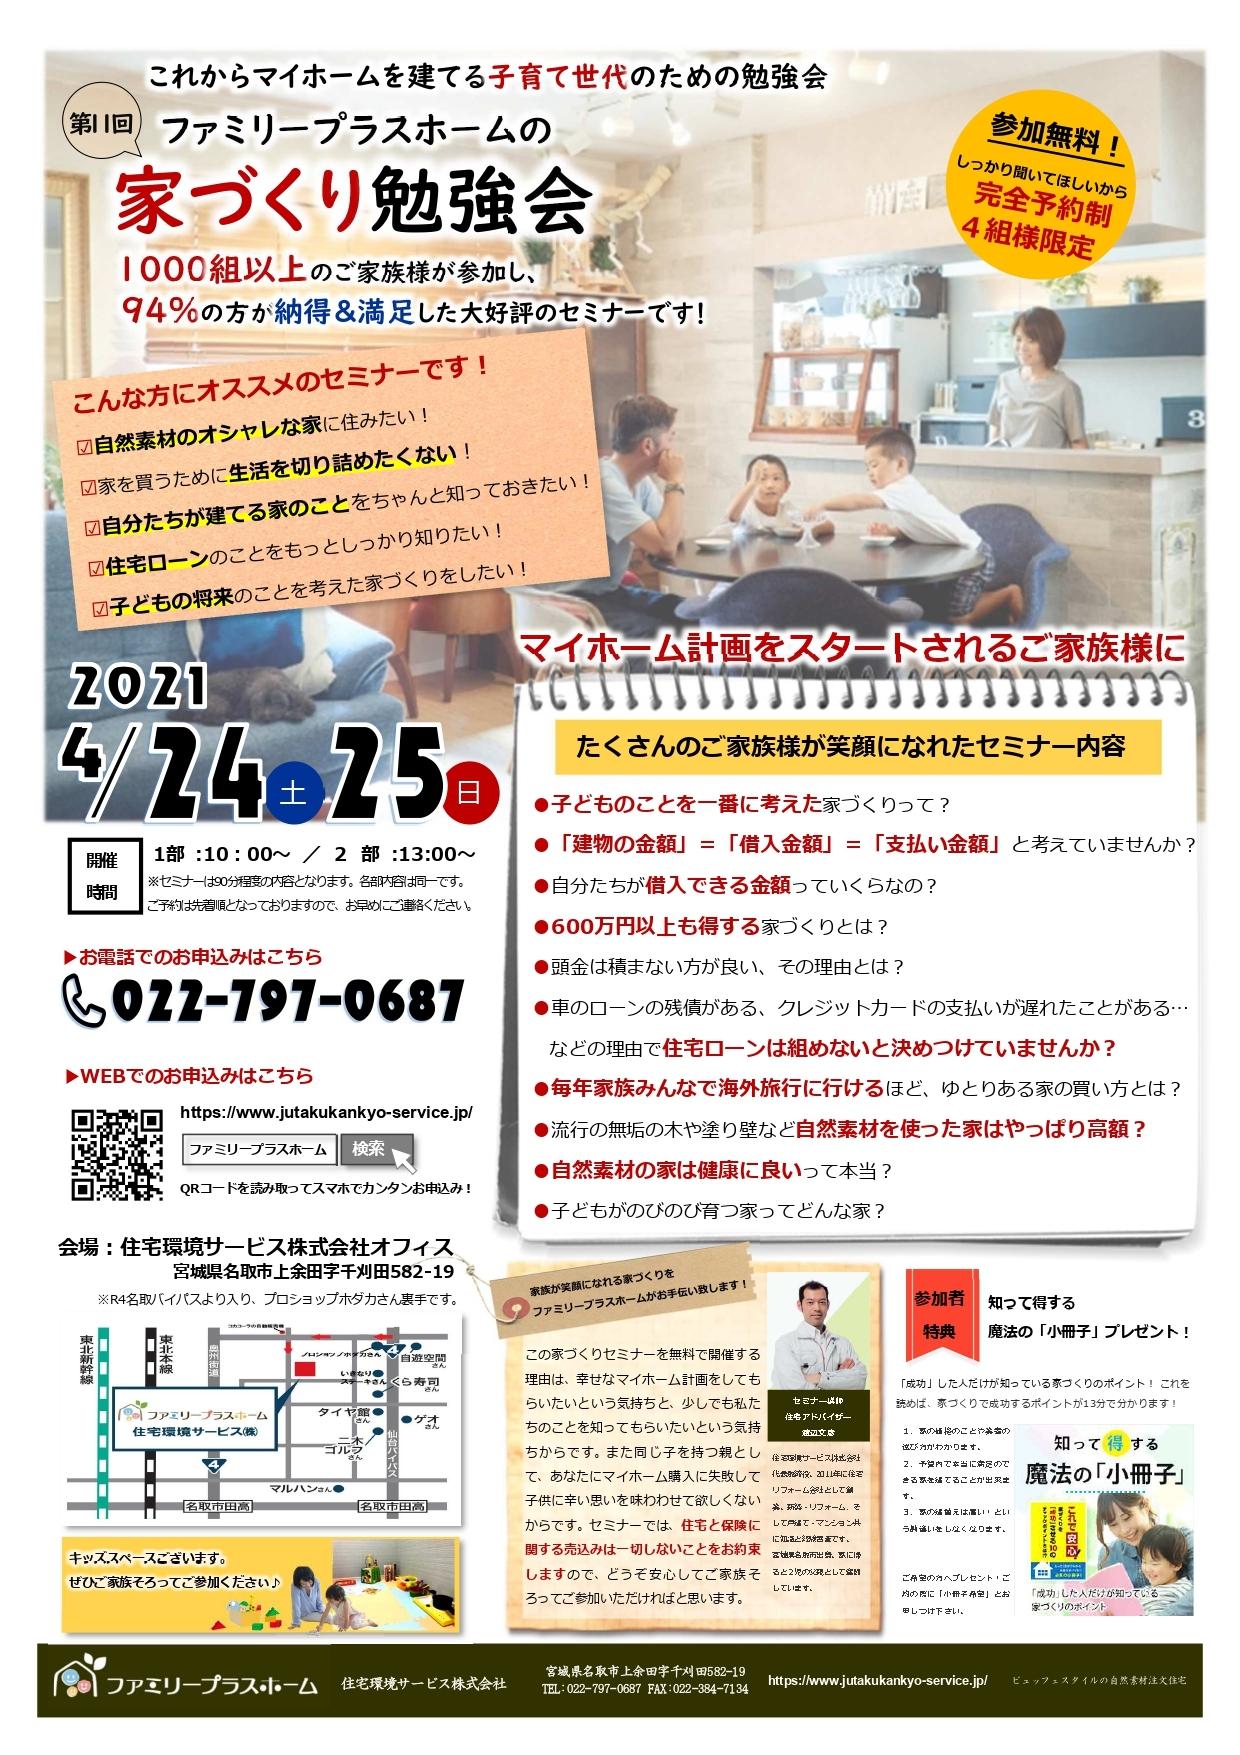 https://www.jutakukankyo-service.jp/b5a0d83883529b102c22218f8114398040926a55.jpg